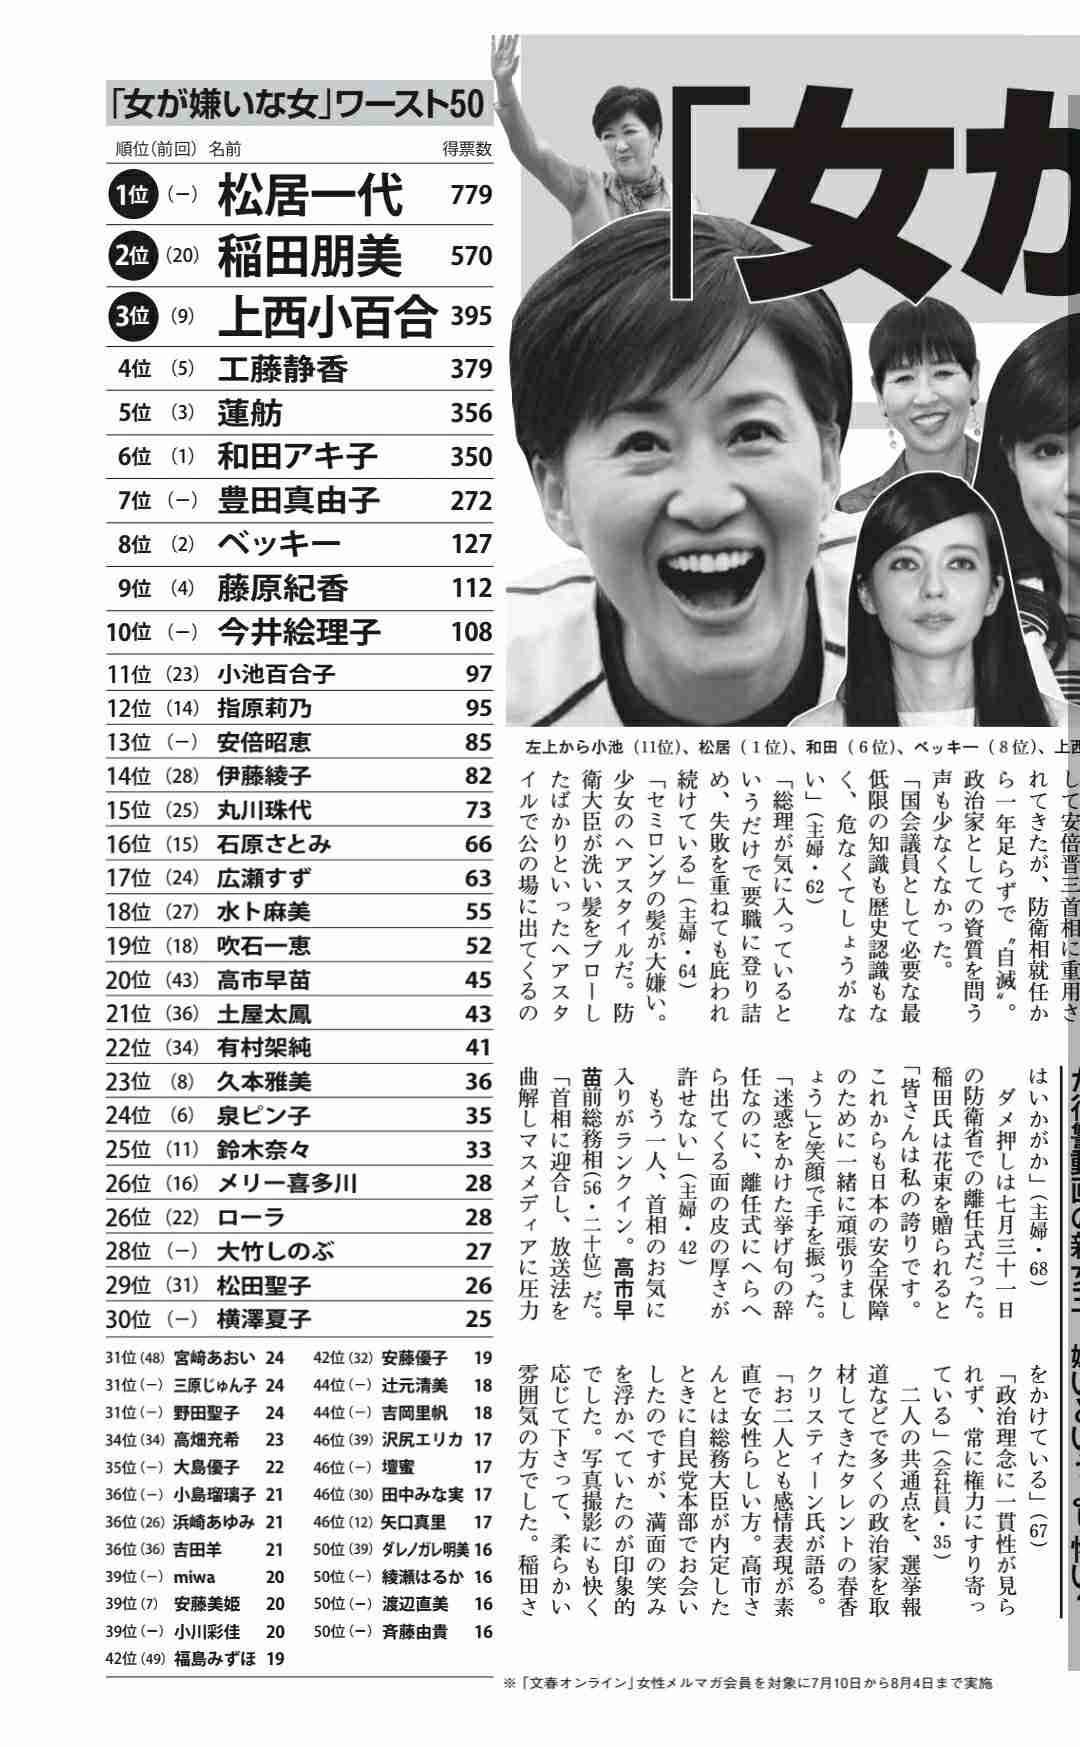 綾瀬はるか、平井堅の楽曲「POP STAR」PVに辛らつ「気持ち悪くて大嫌い」